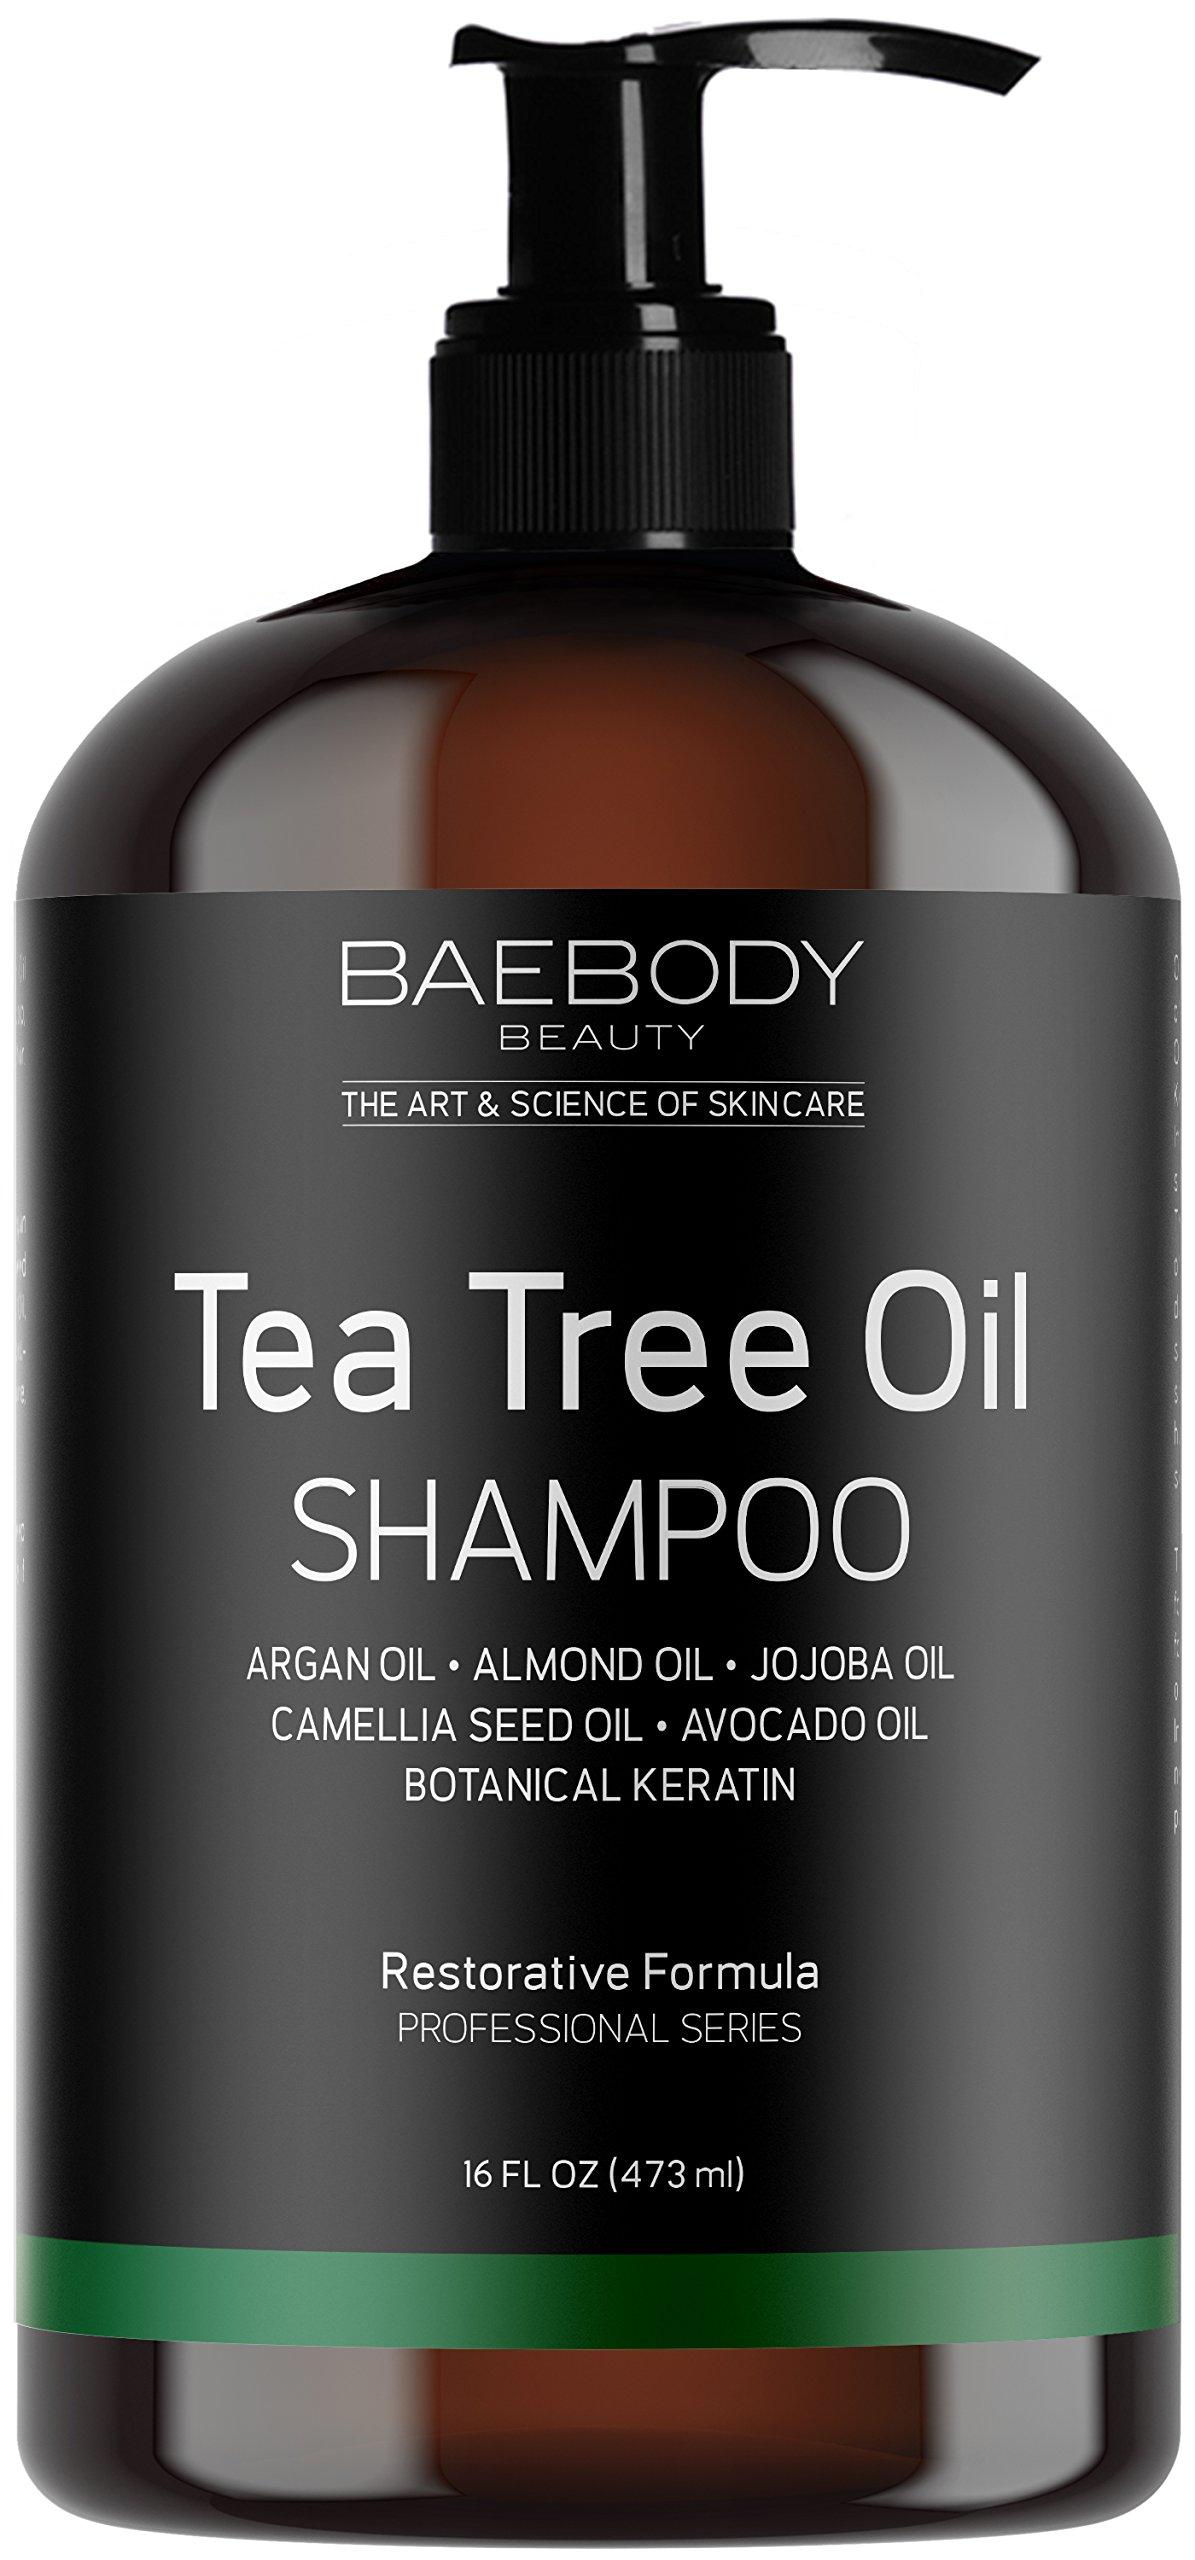 Baebody Tea Tree Oil Shampoo for Dandruff, Dry Hair & Itchy Scalp, 16 Ounces by Baebody